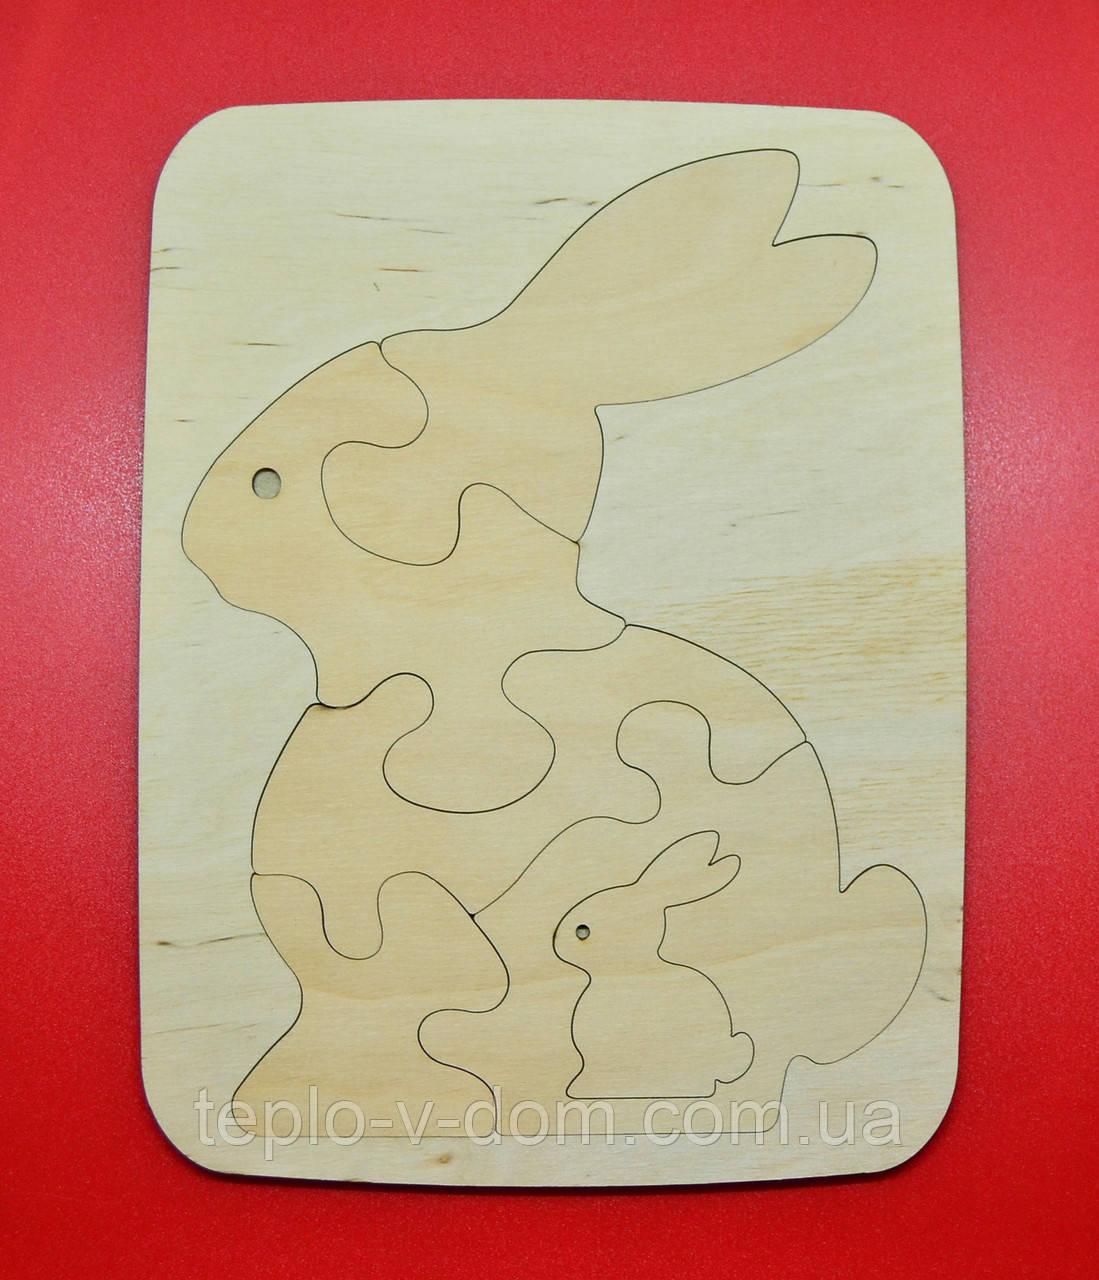 Деревянный пазл-кролик.25х19см.